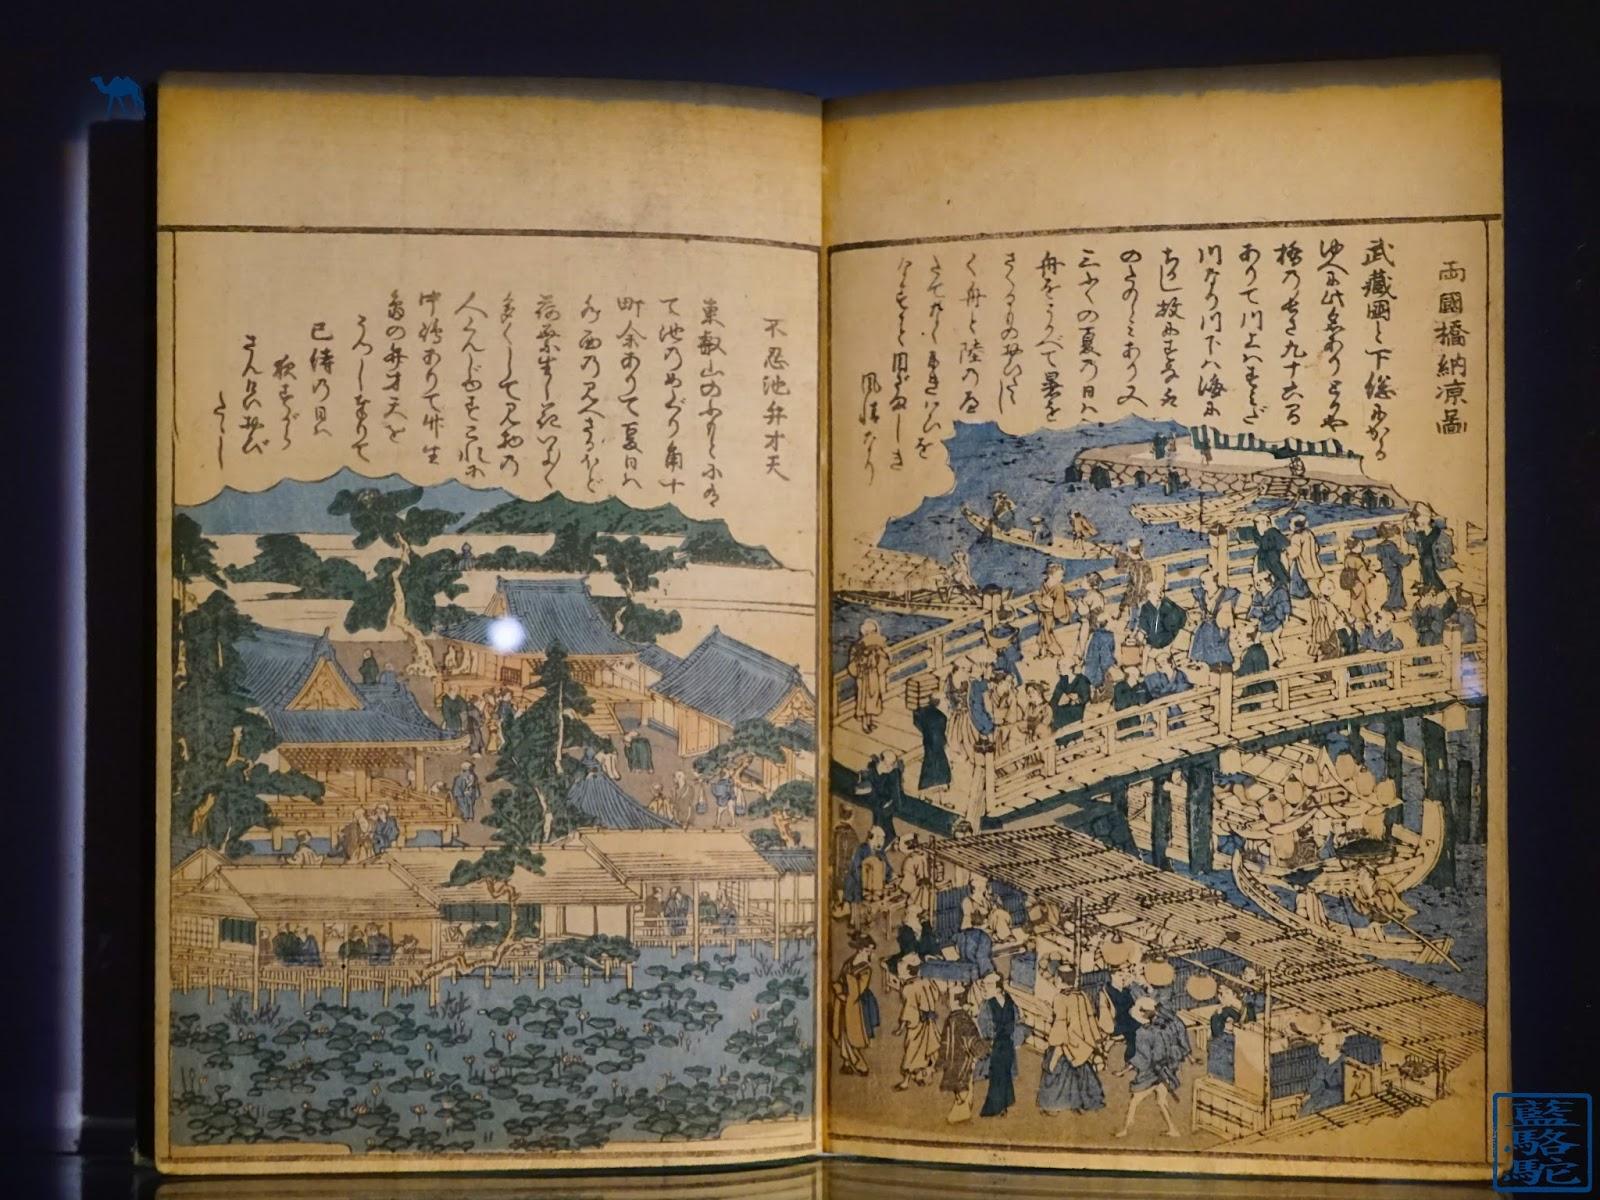 Le Chameau Bleu - Mnaag - Estampes japonaises